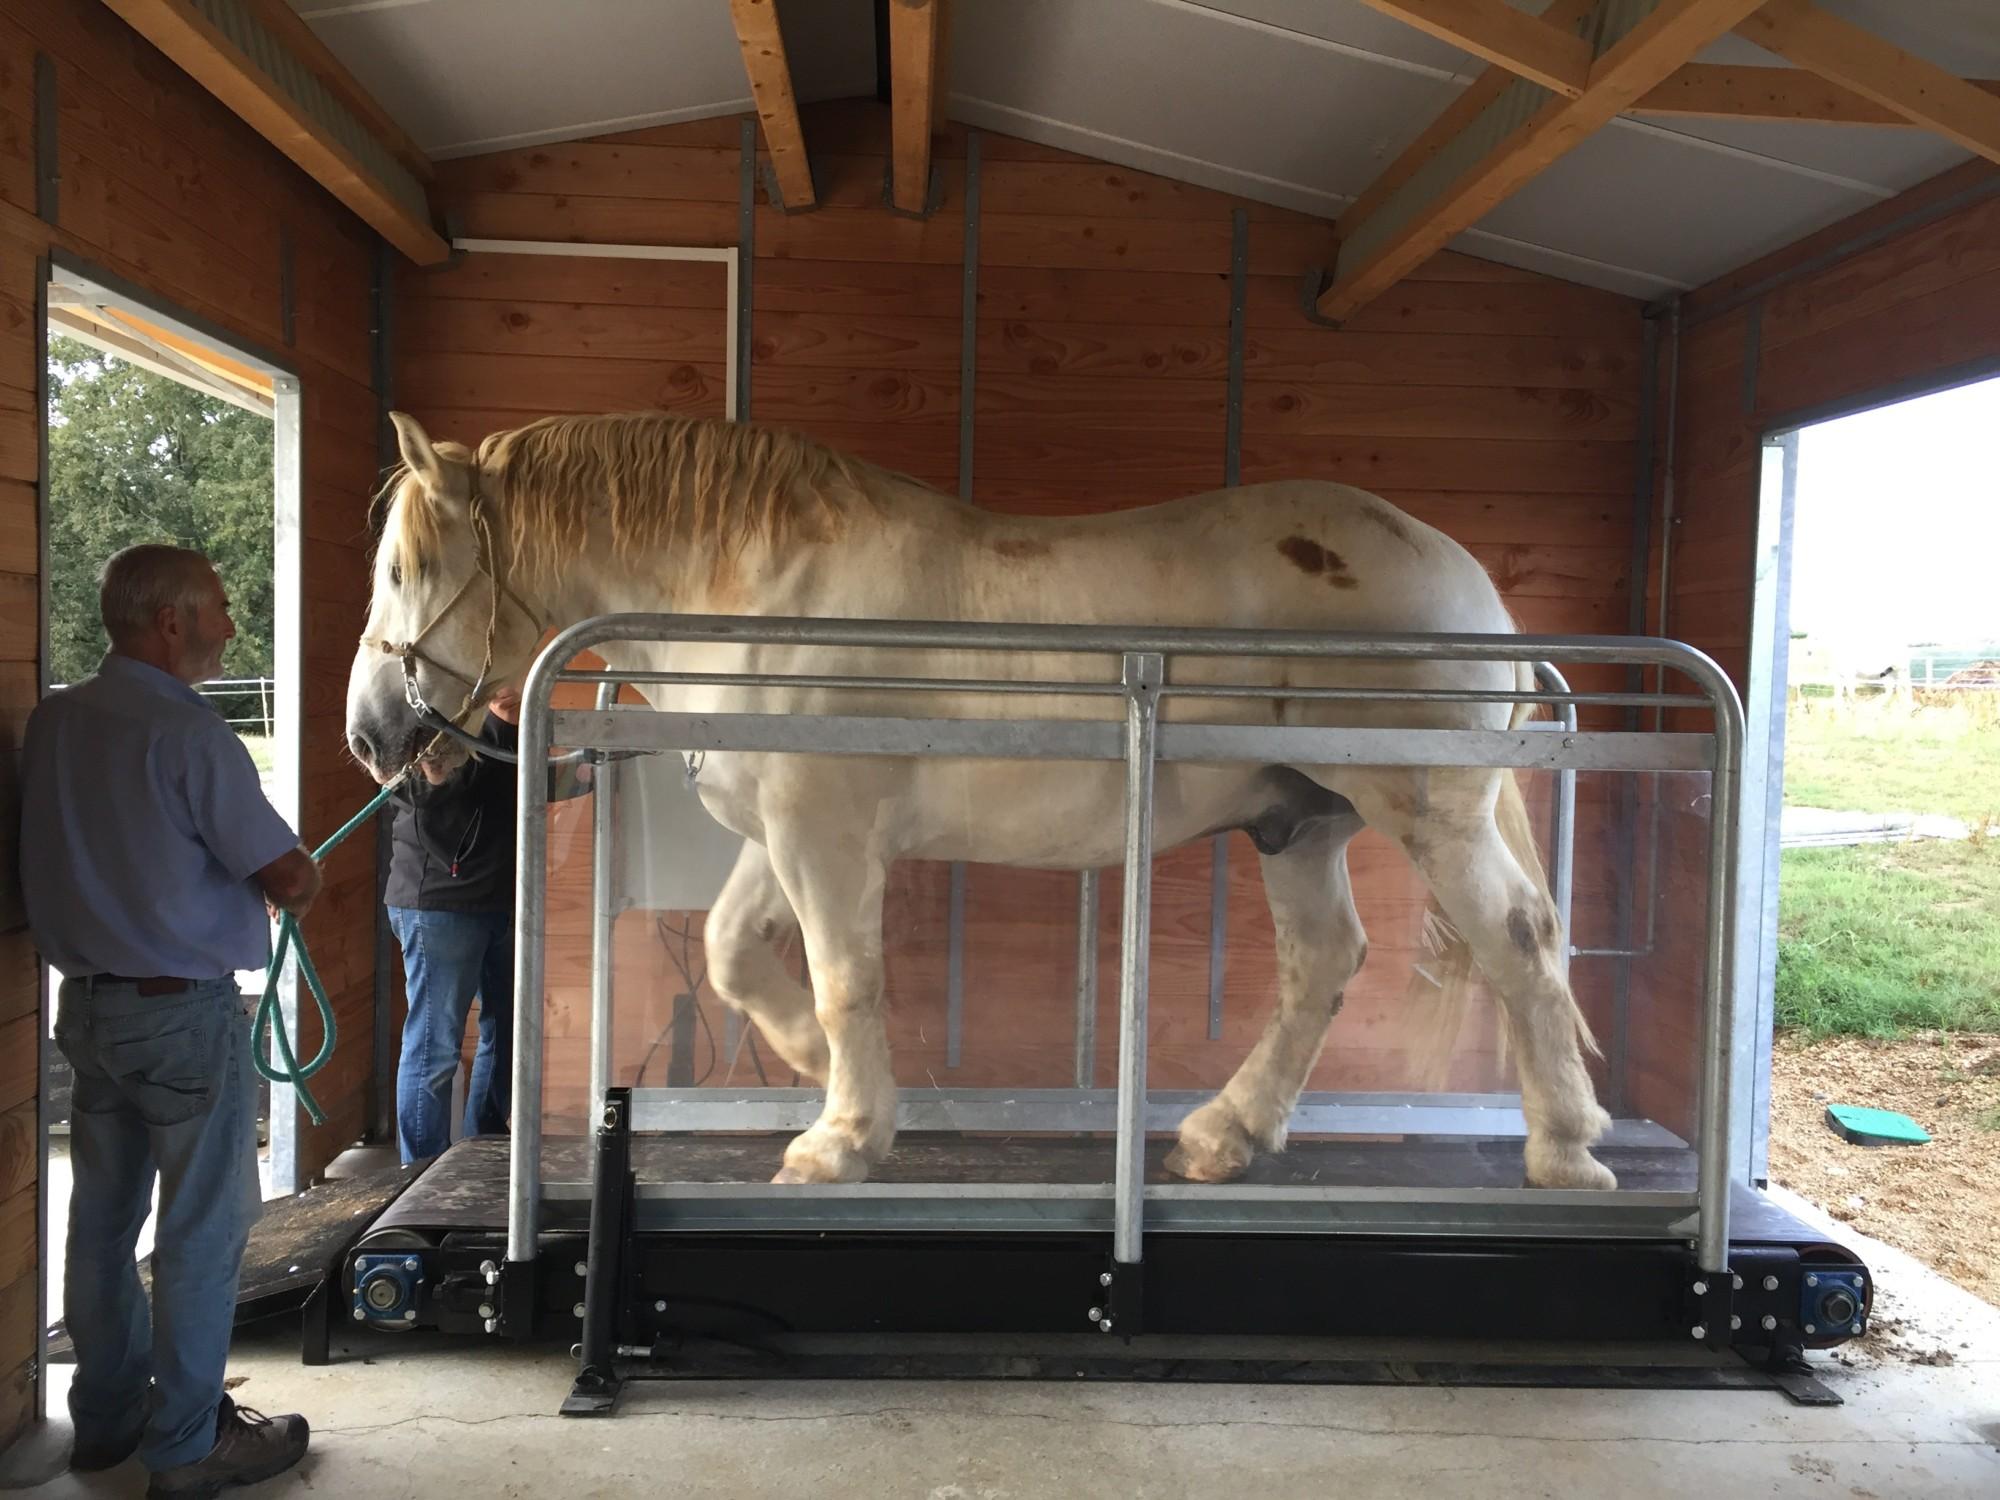 tapis roulant pour r 233 cup 233 ration d 233 crassage pour cheval les 233 curies d alix